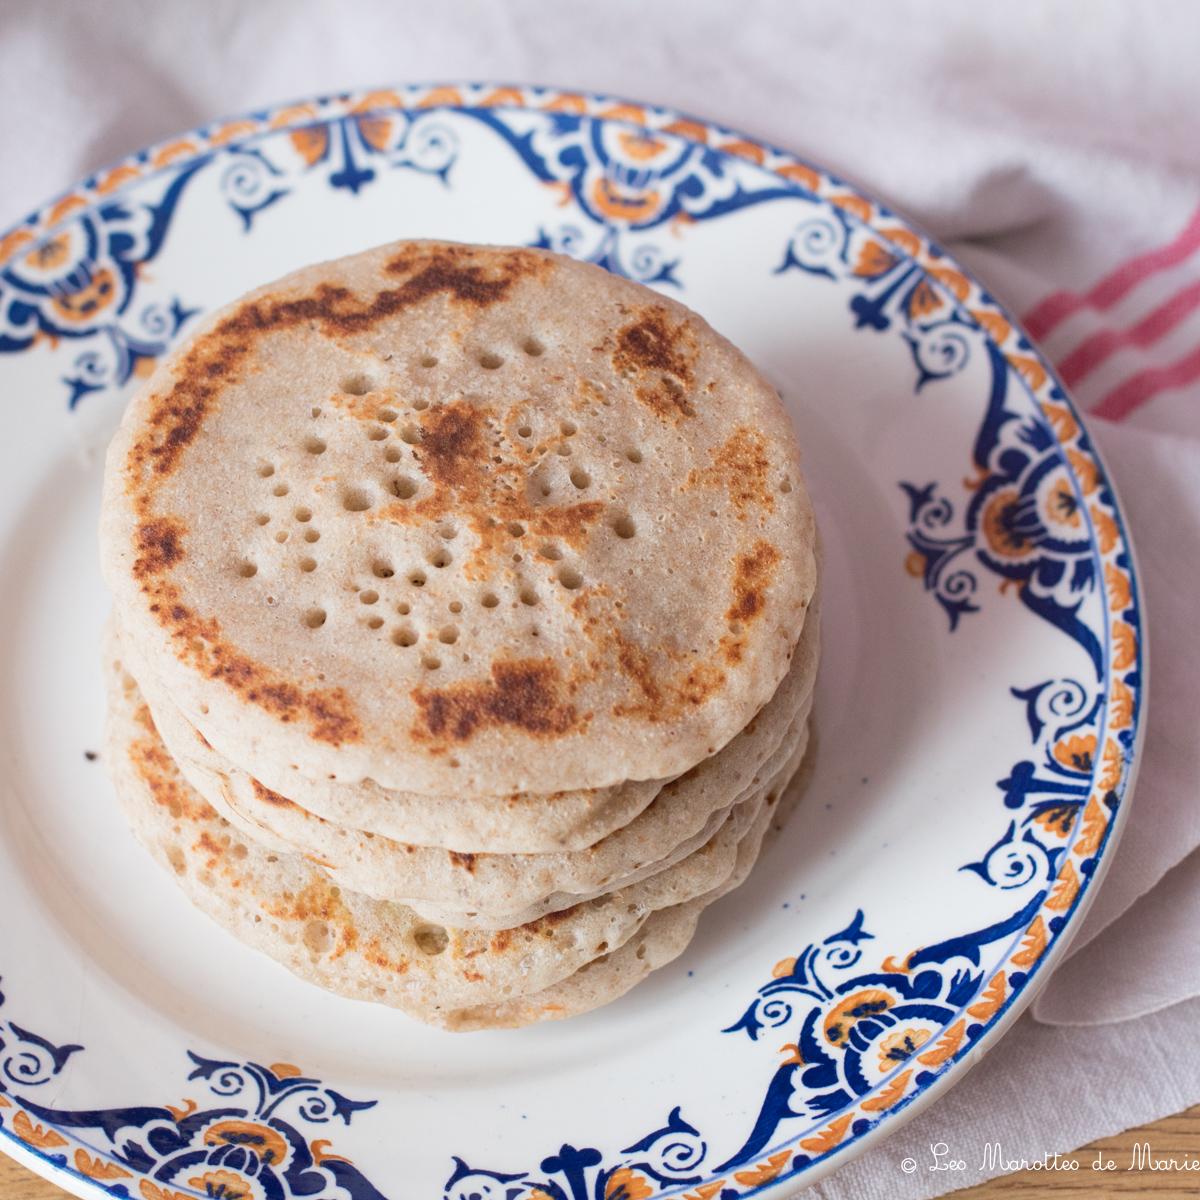 2020 04 19 pancakes levain Les marottes de marie-1